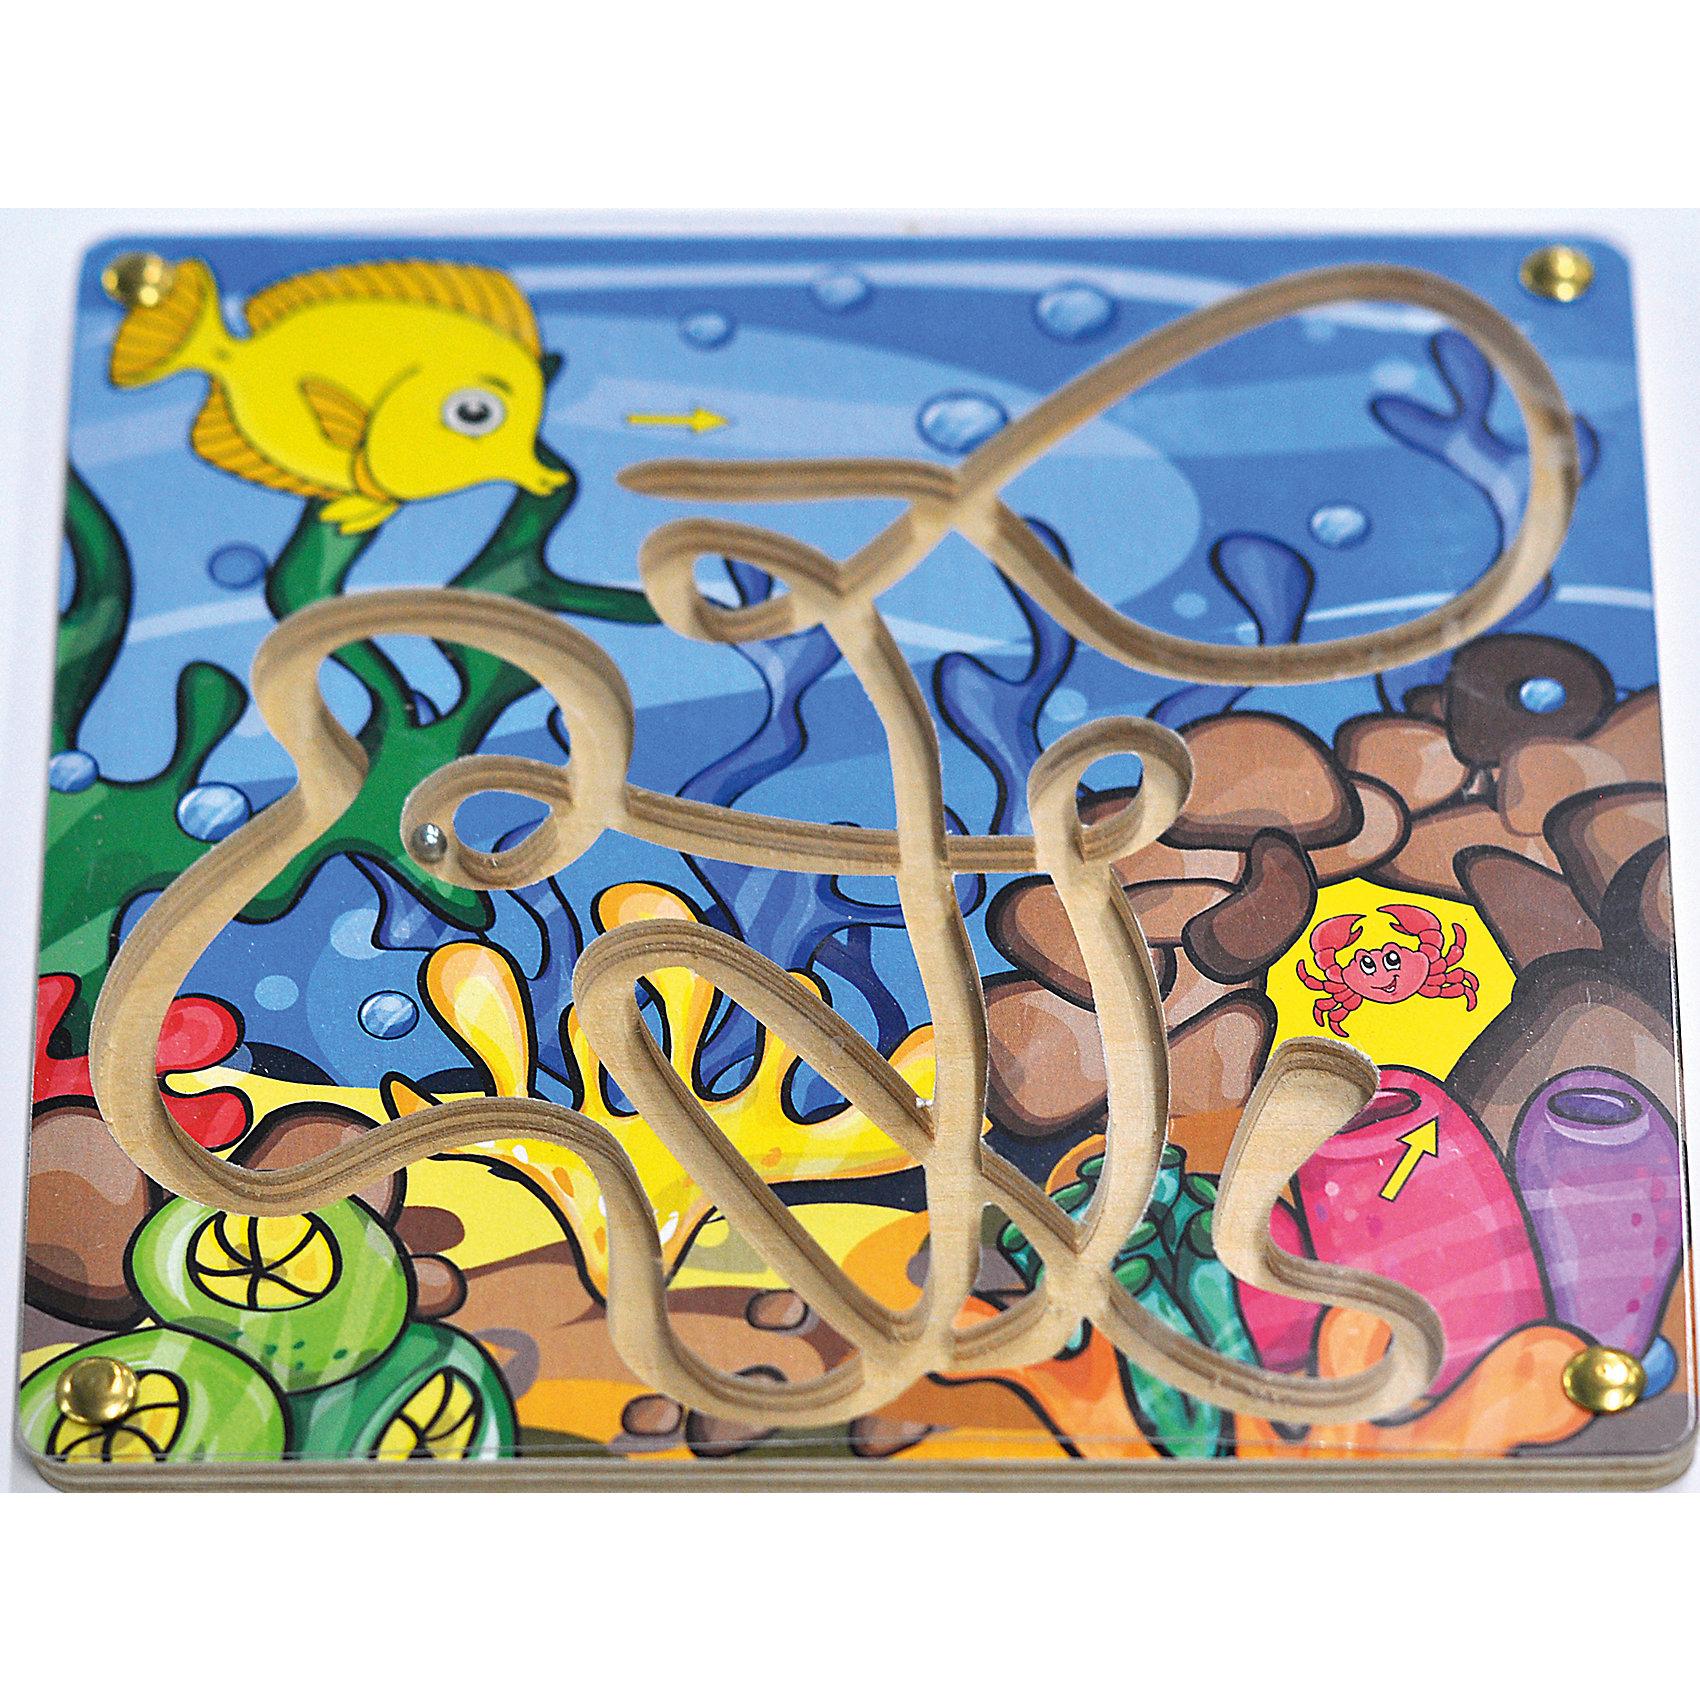 Лабиринт с шариком Рыбка и крабДеревянные игры и пазлы<br>Малыши стремятся узнавать что-то новое и учиться контактировать с окружающим пространством. Сделать процесс познавания мира для малышей - просто! Яркая игра-лабиринт Рыбка и краб поможет ребенку весело провести время, пытаясь закатить шарик на финиш.<br>Эта игра обязательно займет ребенка! Она с ней помогает детям развивать мелкую моторику, внимательность и познавать мир. Игрушка сделана из качественных и безопасных для ребенка материалов - натурального дерева.<br><br>Дополнительная информация:<br><br>цвет: разноцветный;<br>размер: 20 х 20 х 1 см;<br>вес: 180 г;<br>материал: дерево.<br><br>Лабиринт с шариком Рыбка и краб можно купить в нашем магазине.<br><br>Ширина мм: 200<br>Глубина мм: 7<br>Высота мм: 200<br>Вес г: 180<br>Возраст от месяцев: 36<br>Возраст до месяцев: 2147483647<br>Пол: Унисекс<br>Возраст: Детский<br>SKU: 4916401